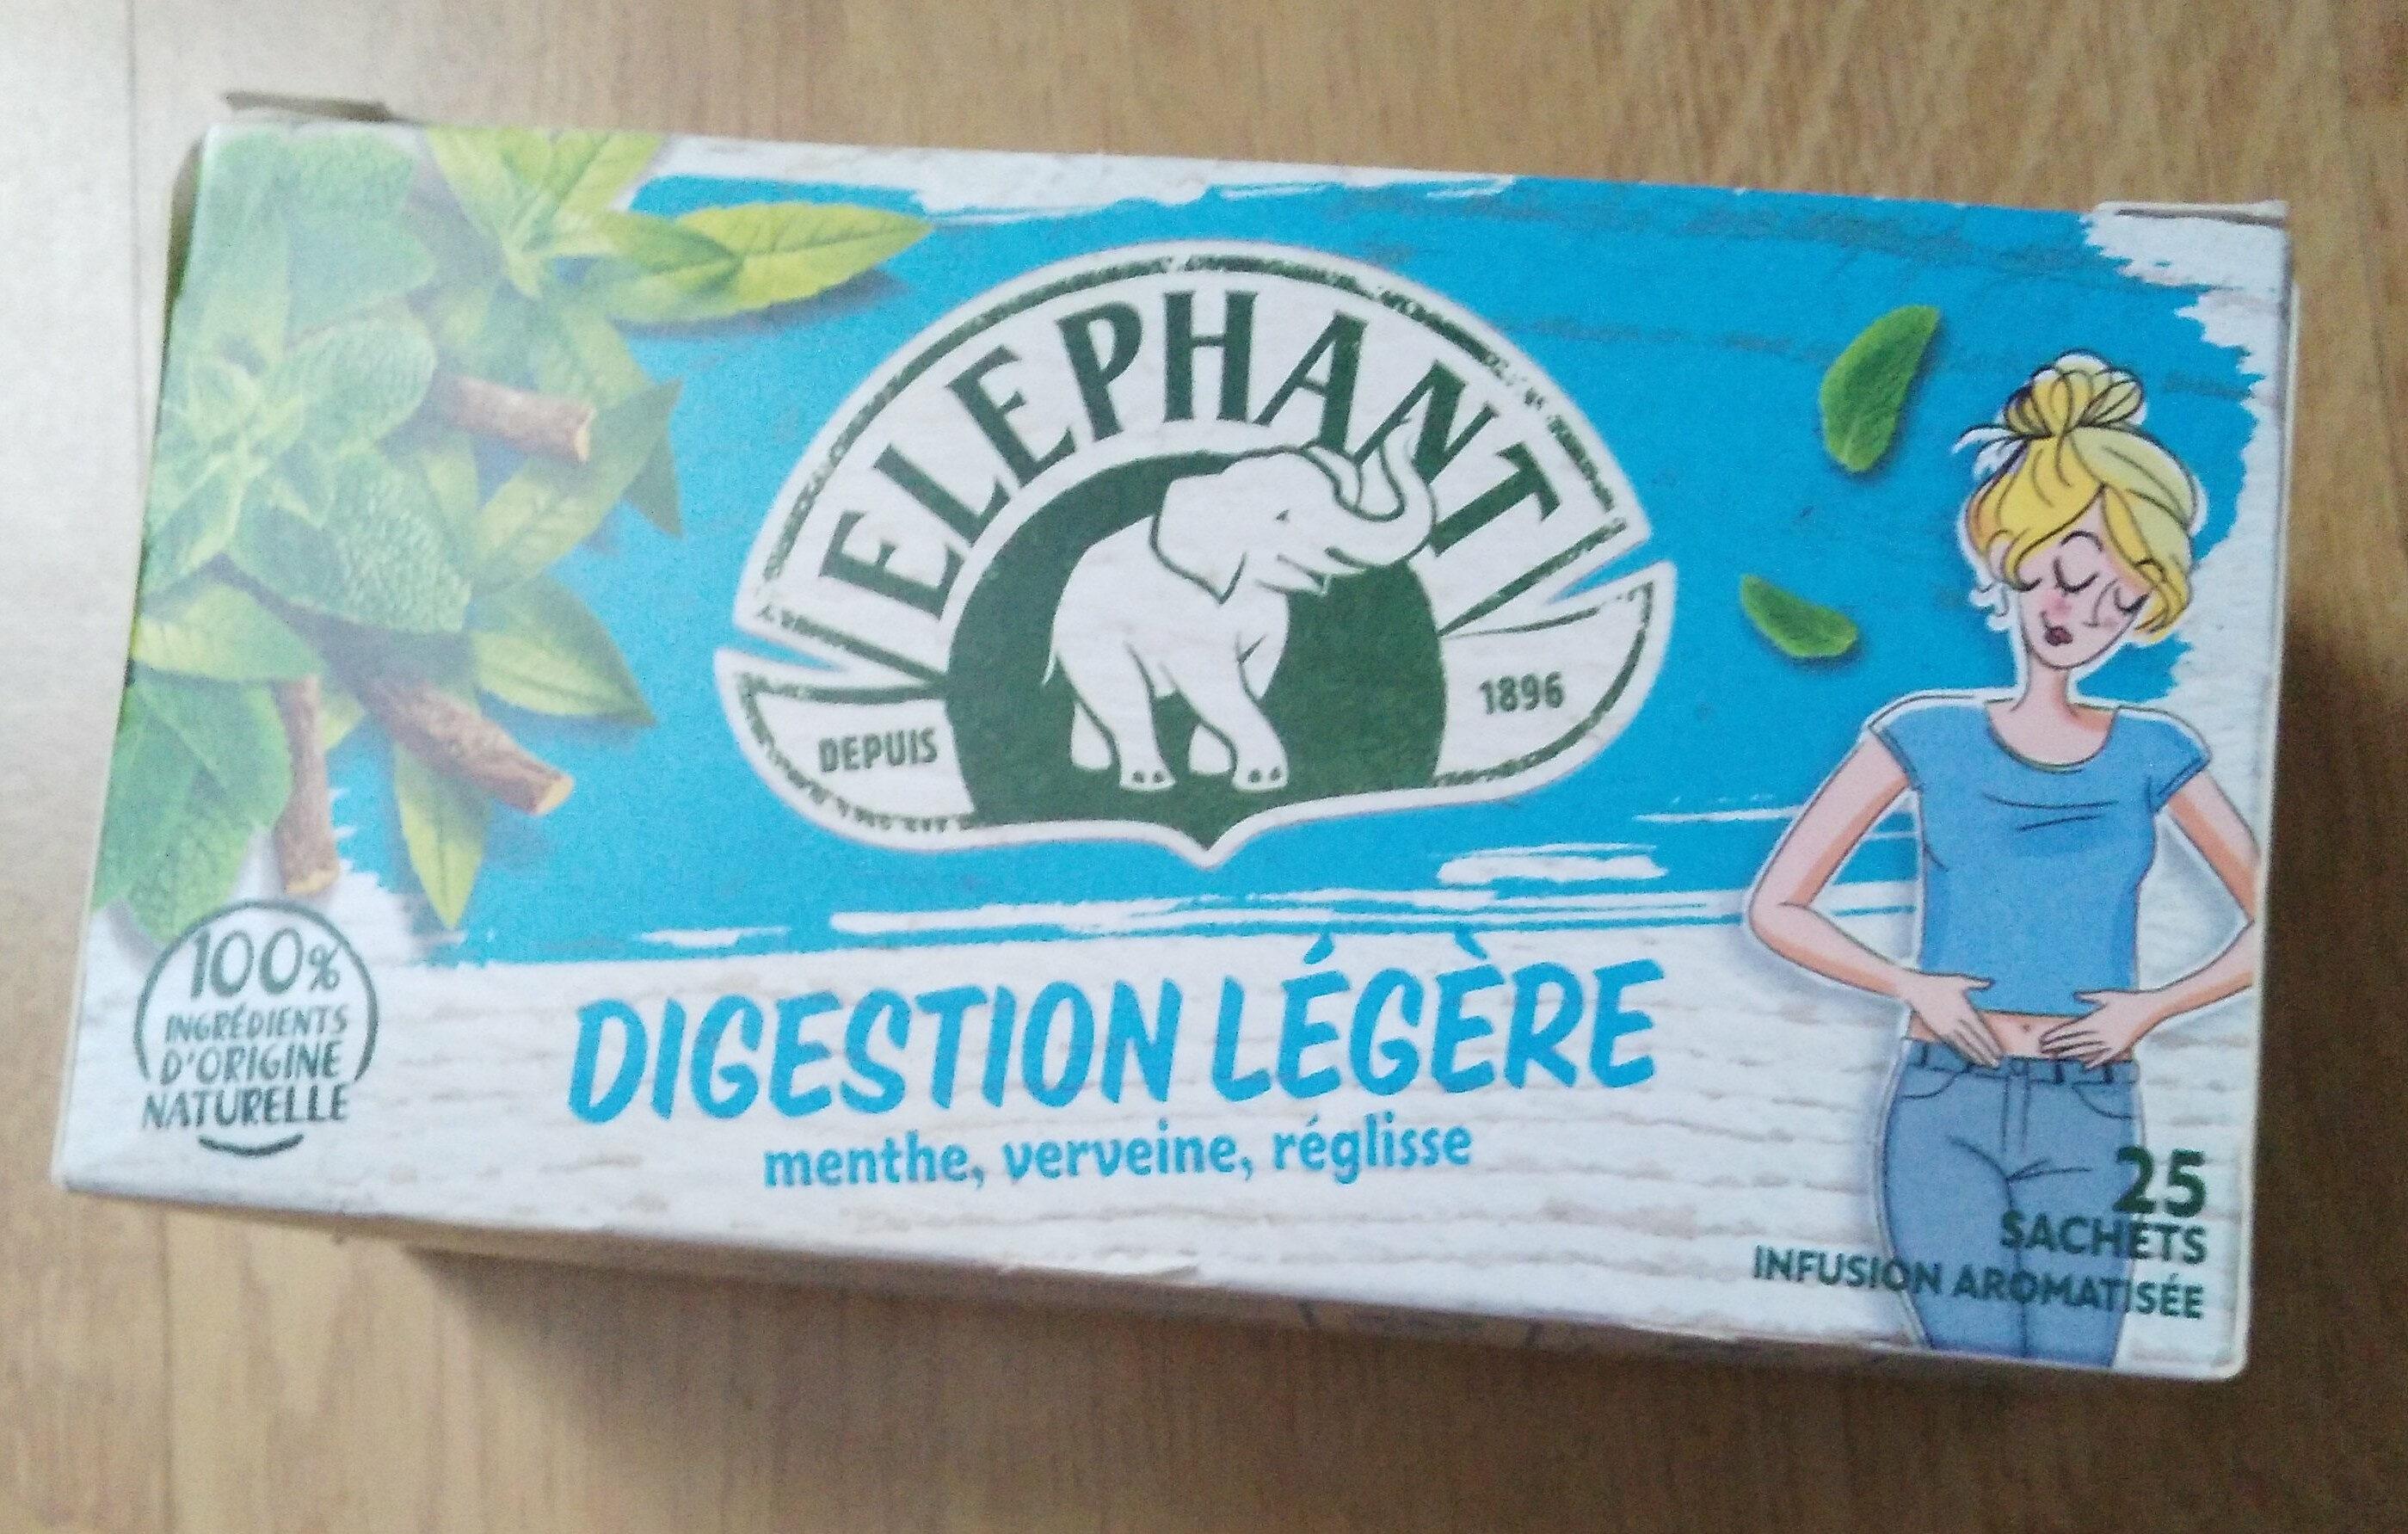 Infusion Digestion Légère - Product